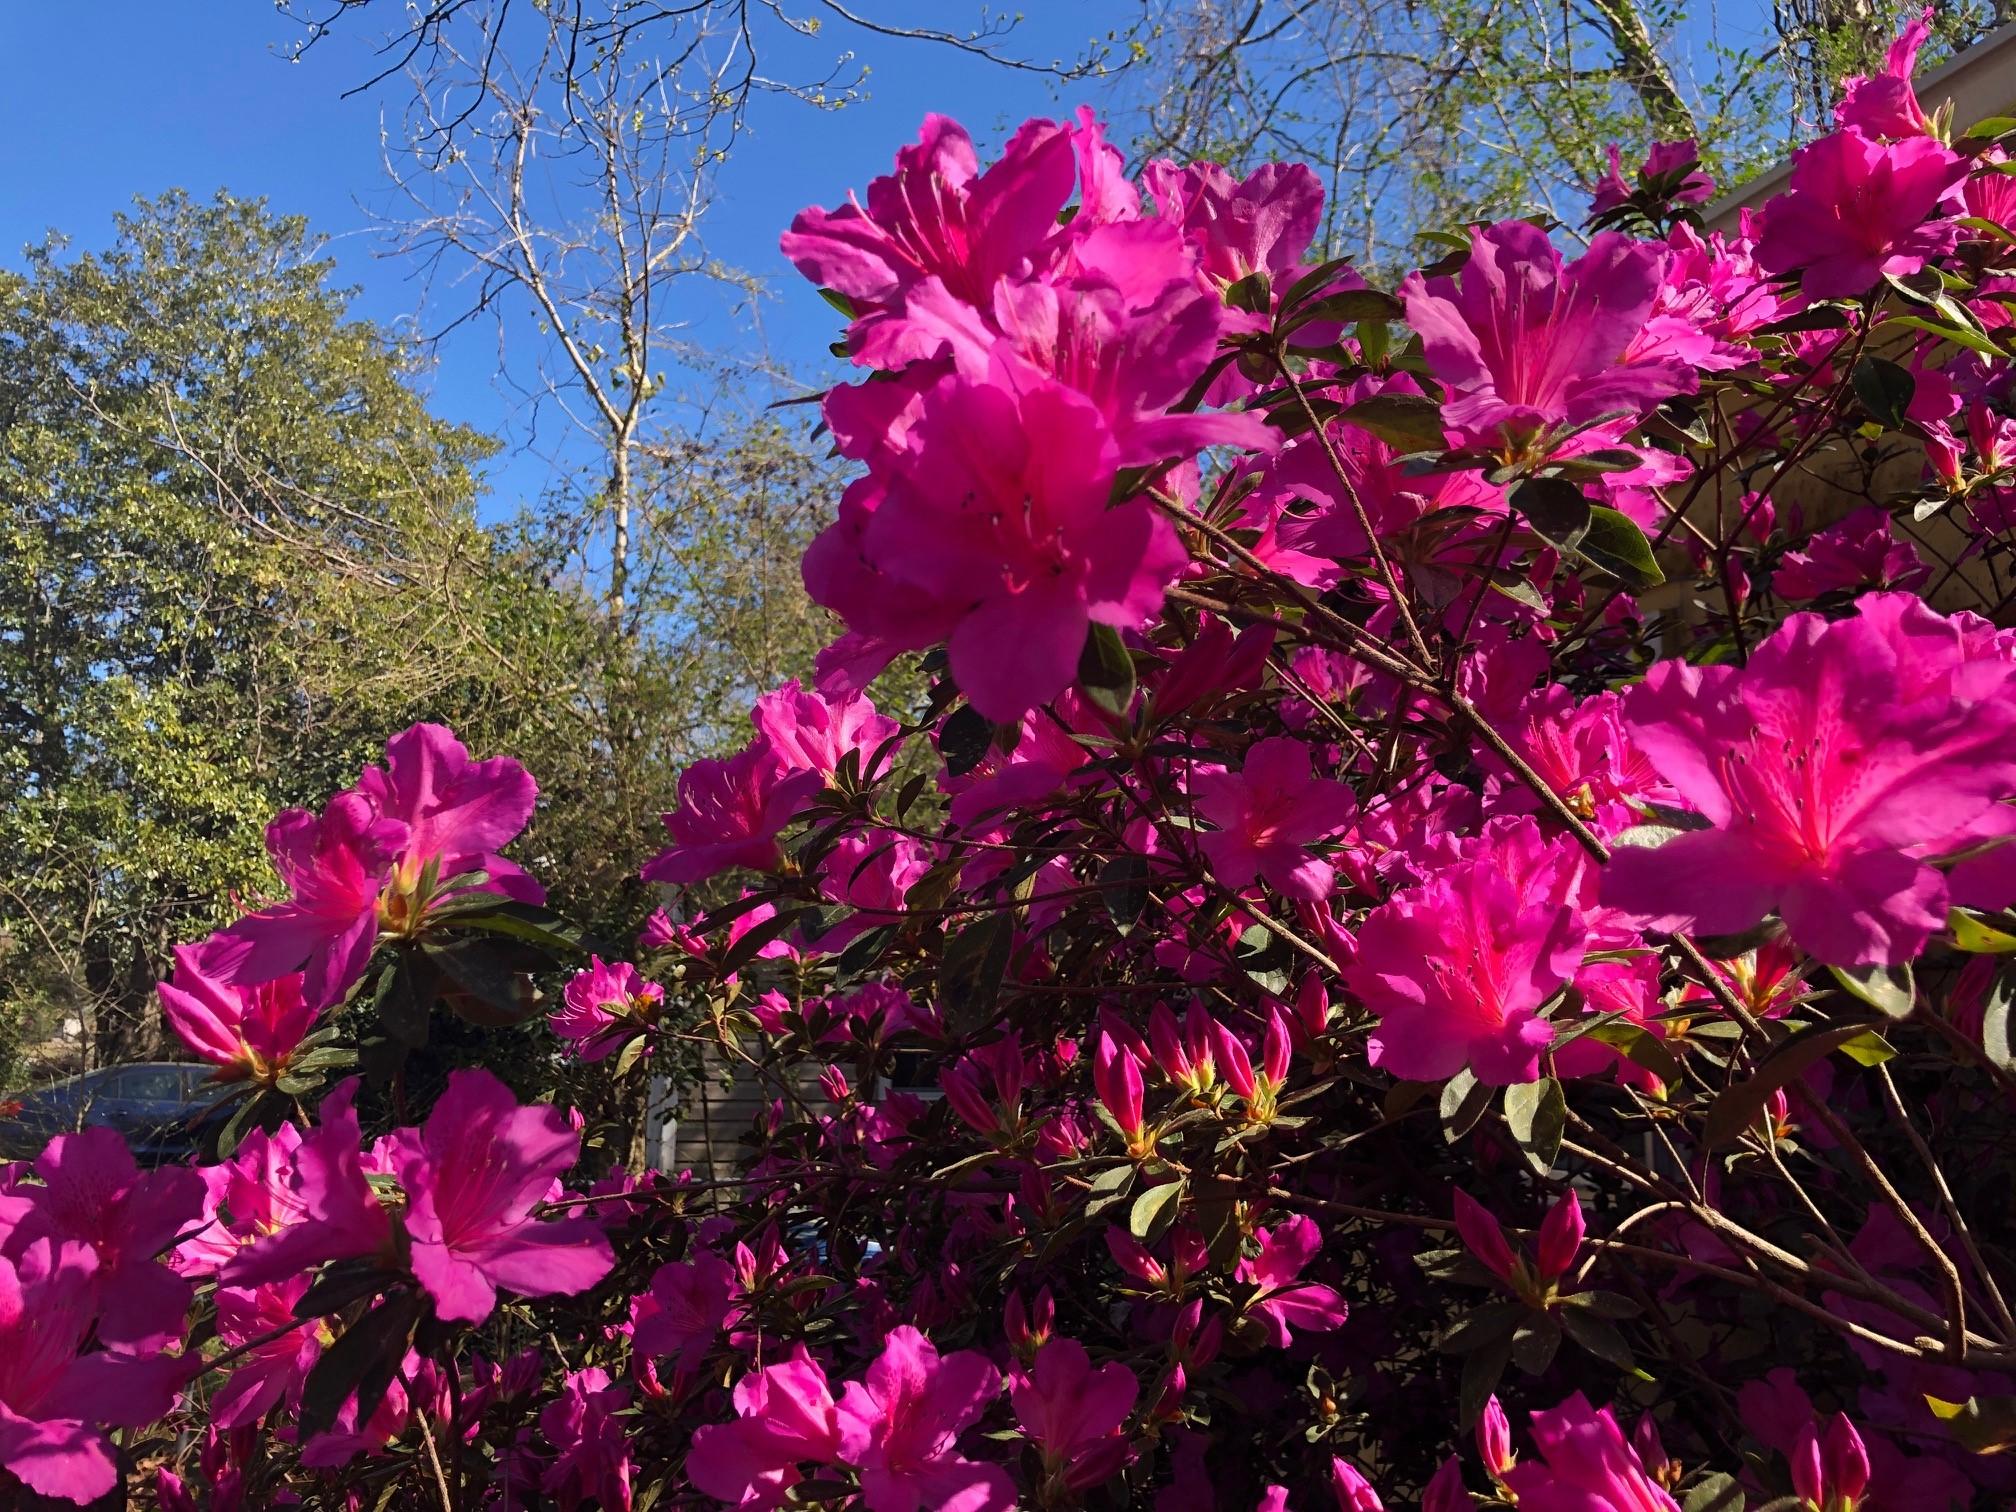 Azaleas w trees